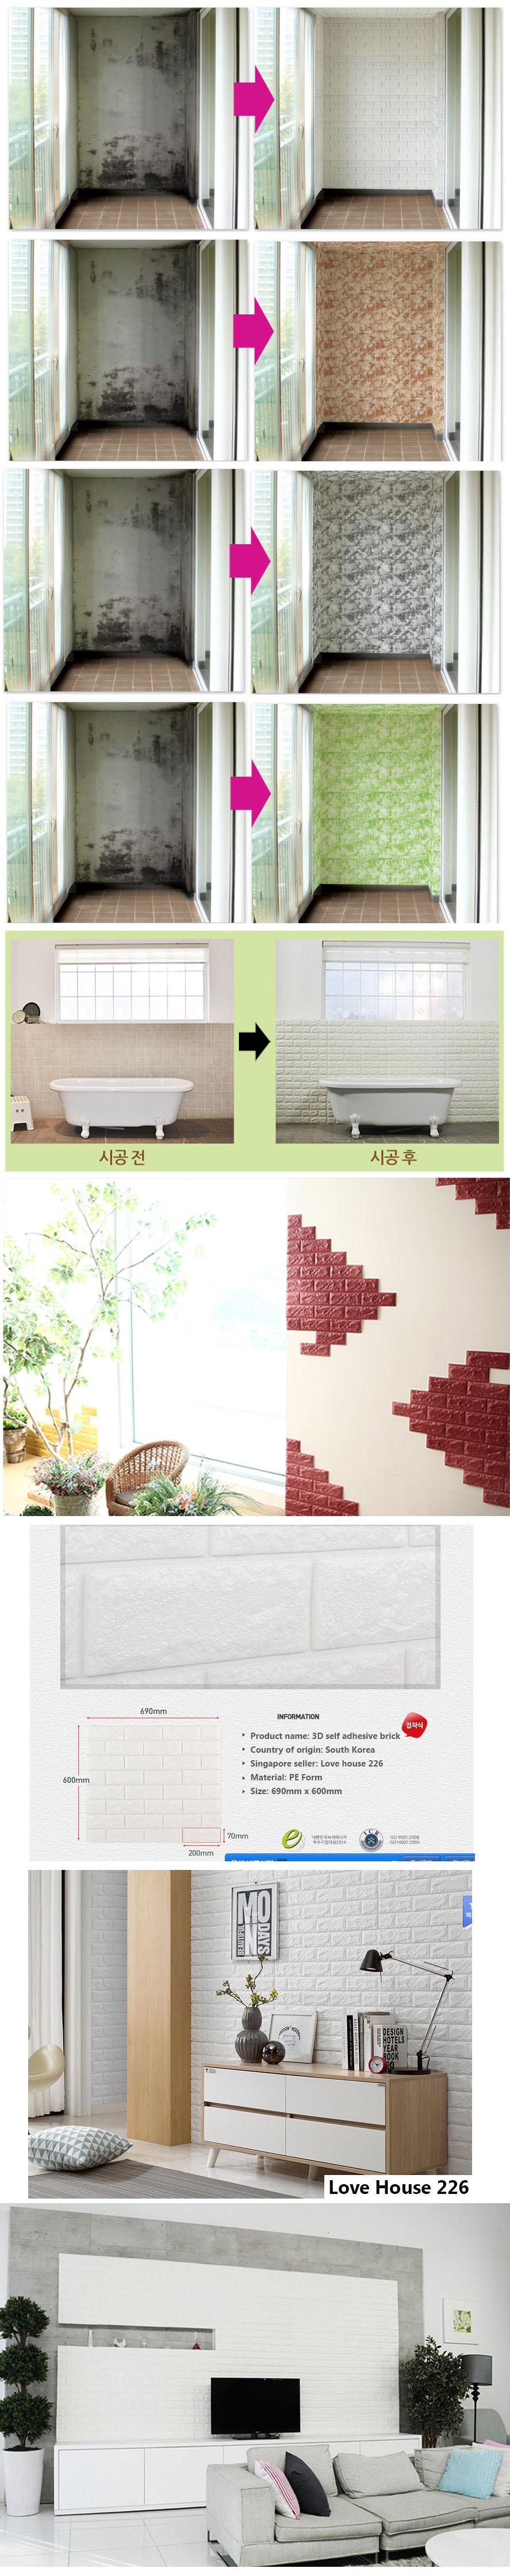 Buy hot item diy interior self adhesive 3d real foam for Wallpaper home bargains